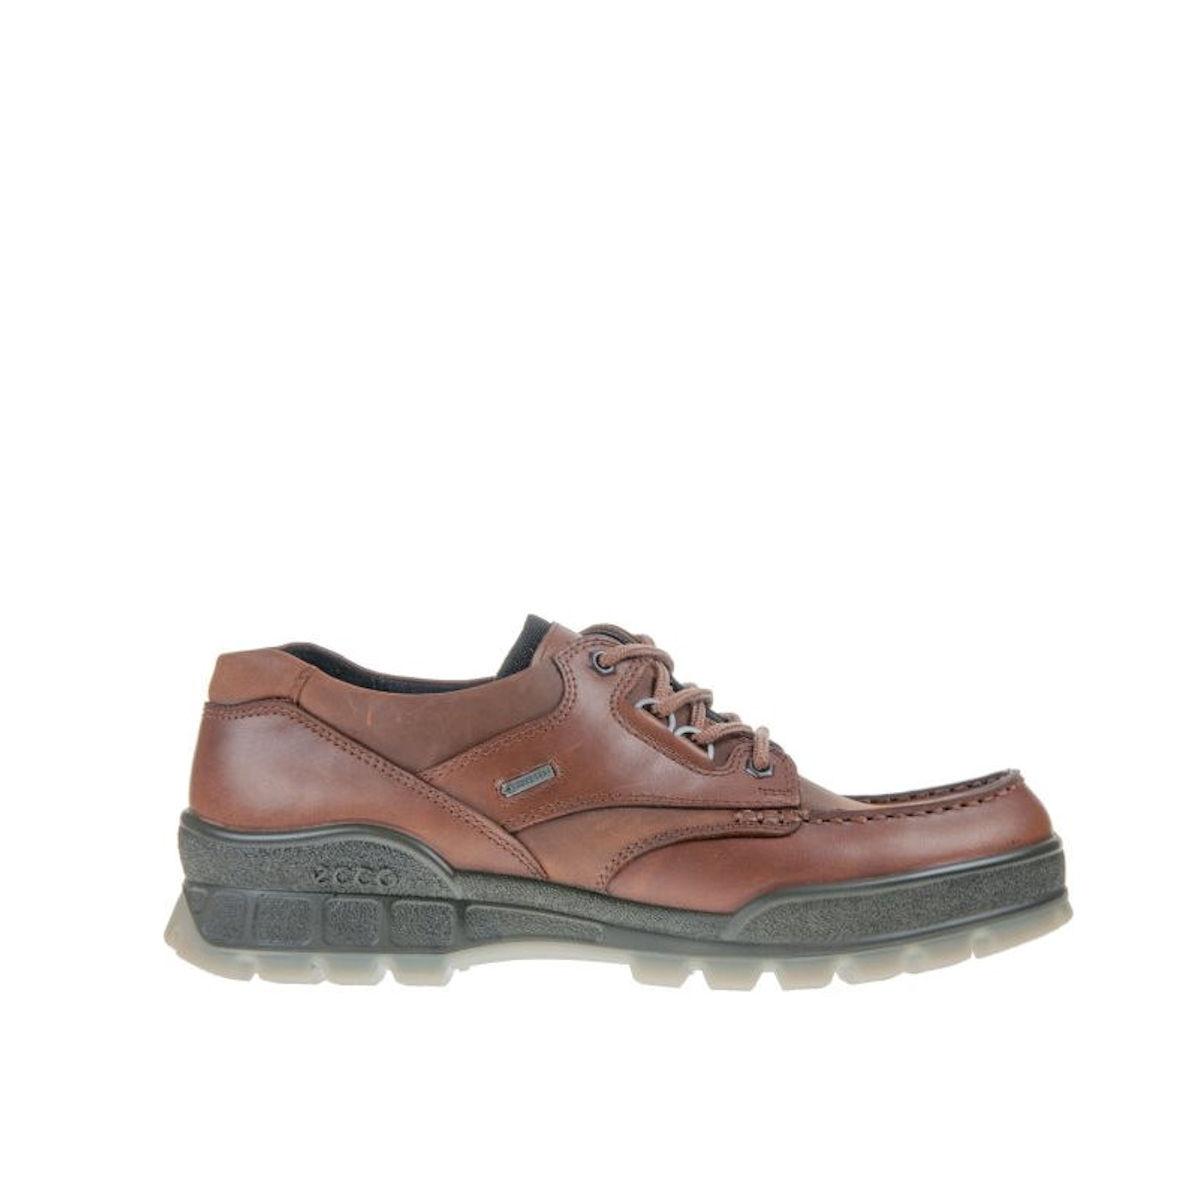 Ecco Track 25 Gore-Tex Lo Bison Walking Shoe